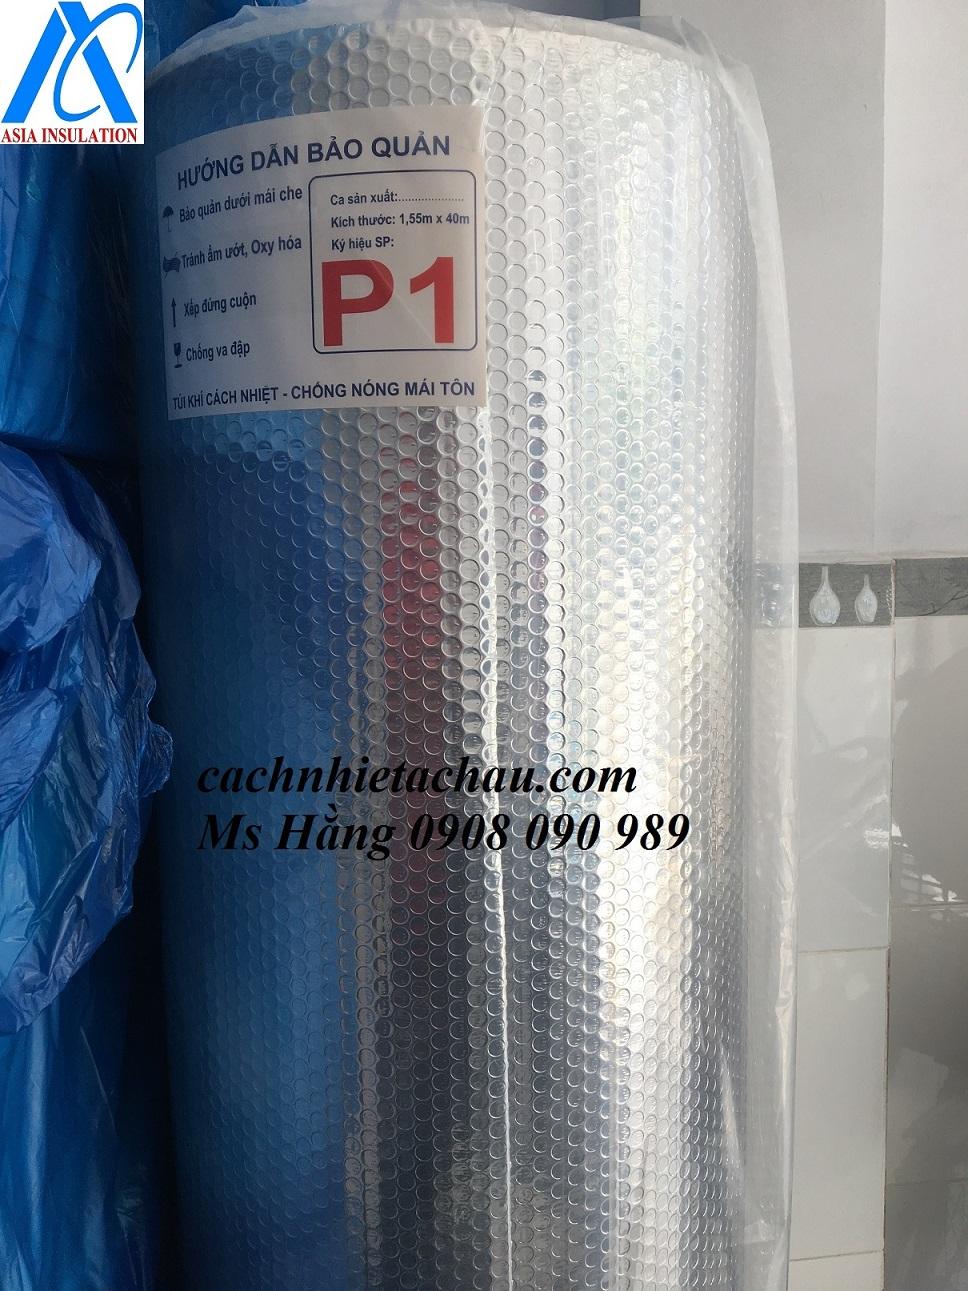 Tấm túi khí P1, P2 cách nhiệt chống nóng cho mái tôn giá rẻ